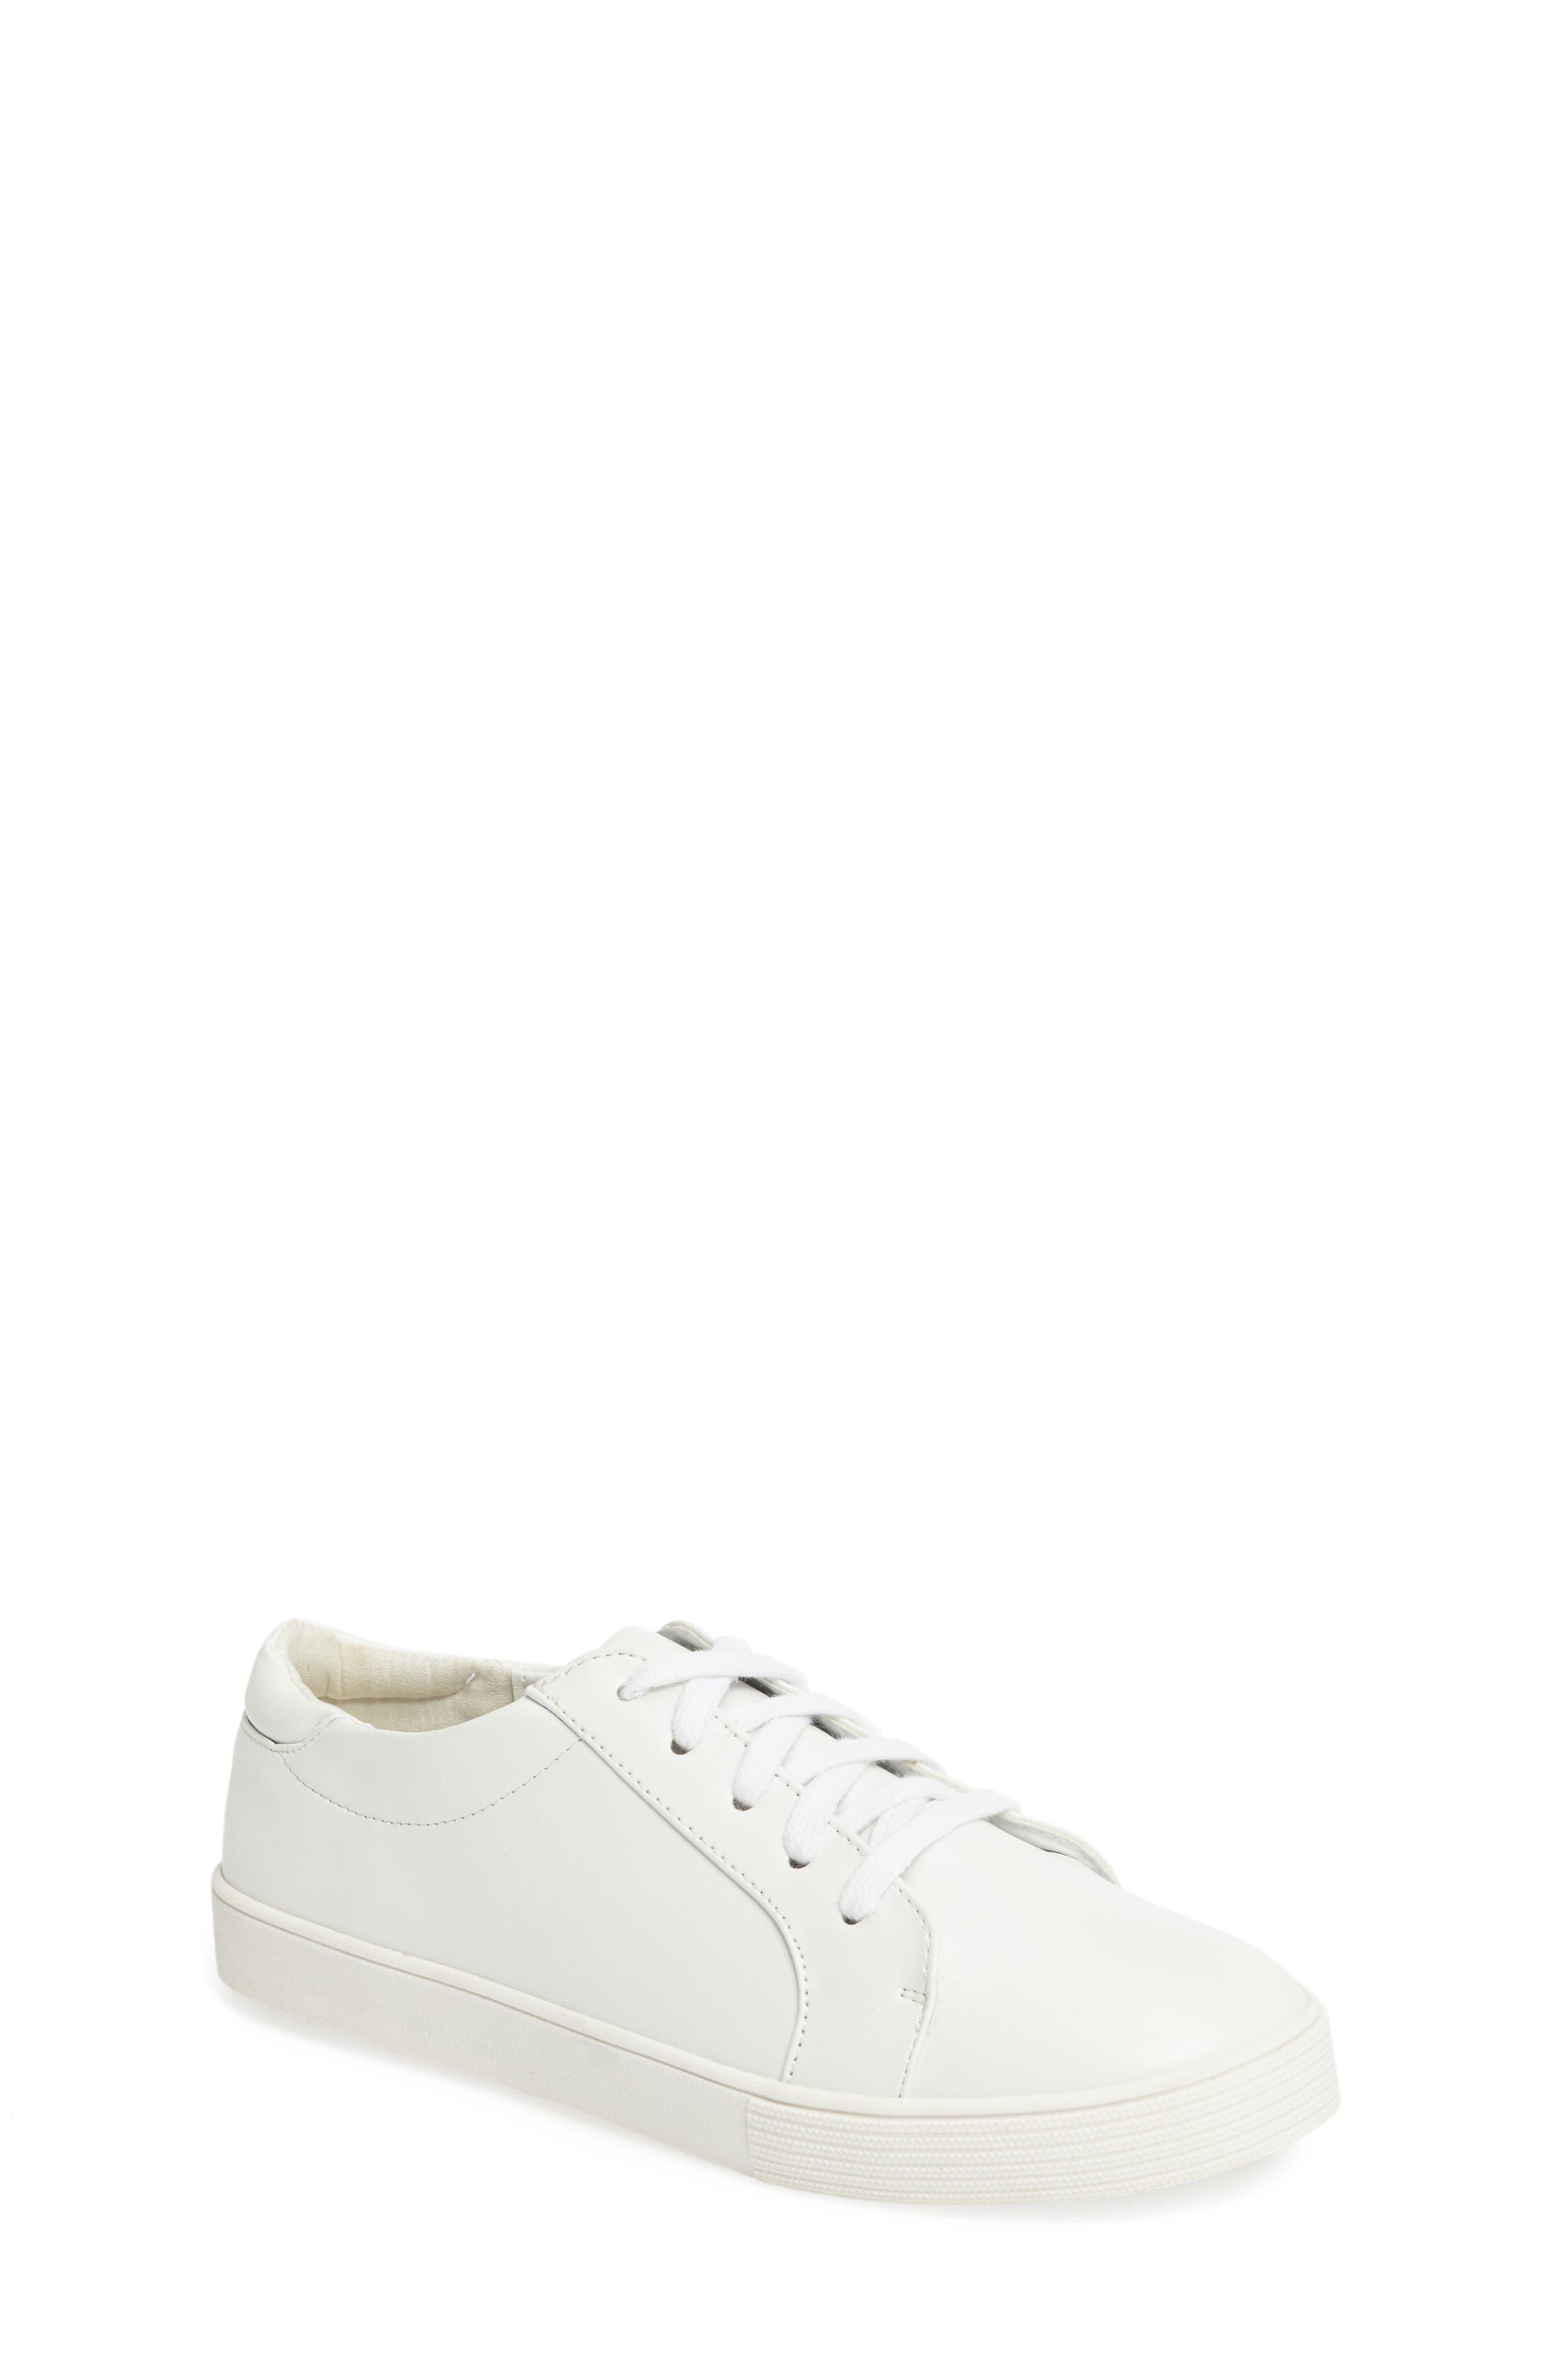 Kam Sneaker,                         Main,                         color, 100